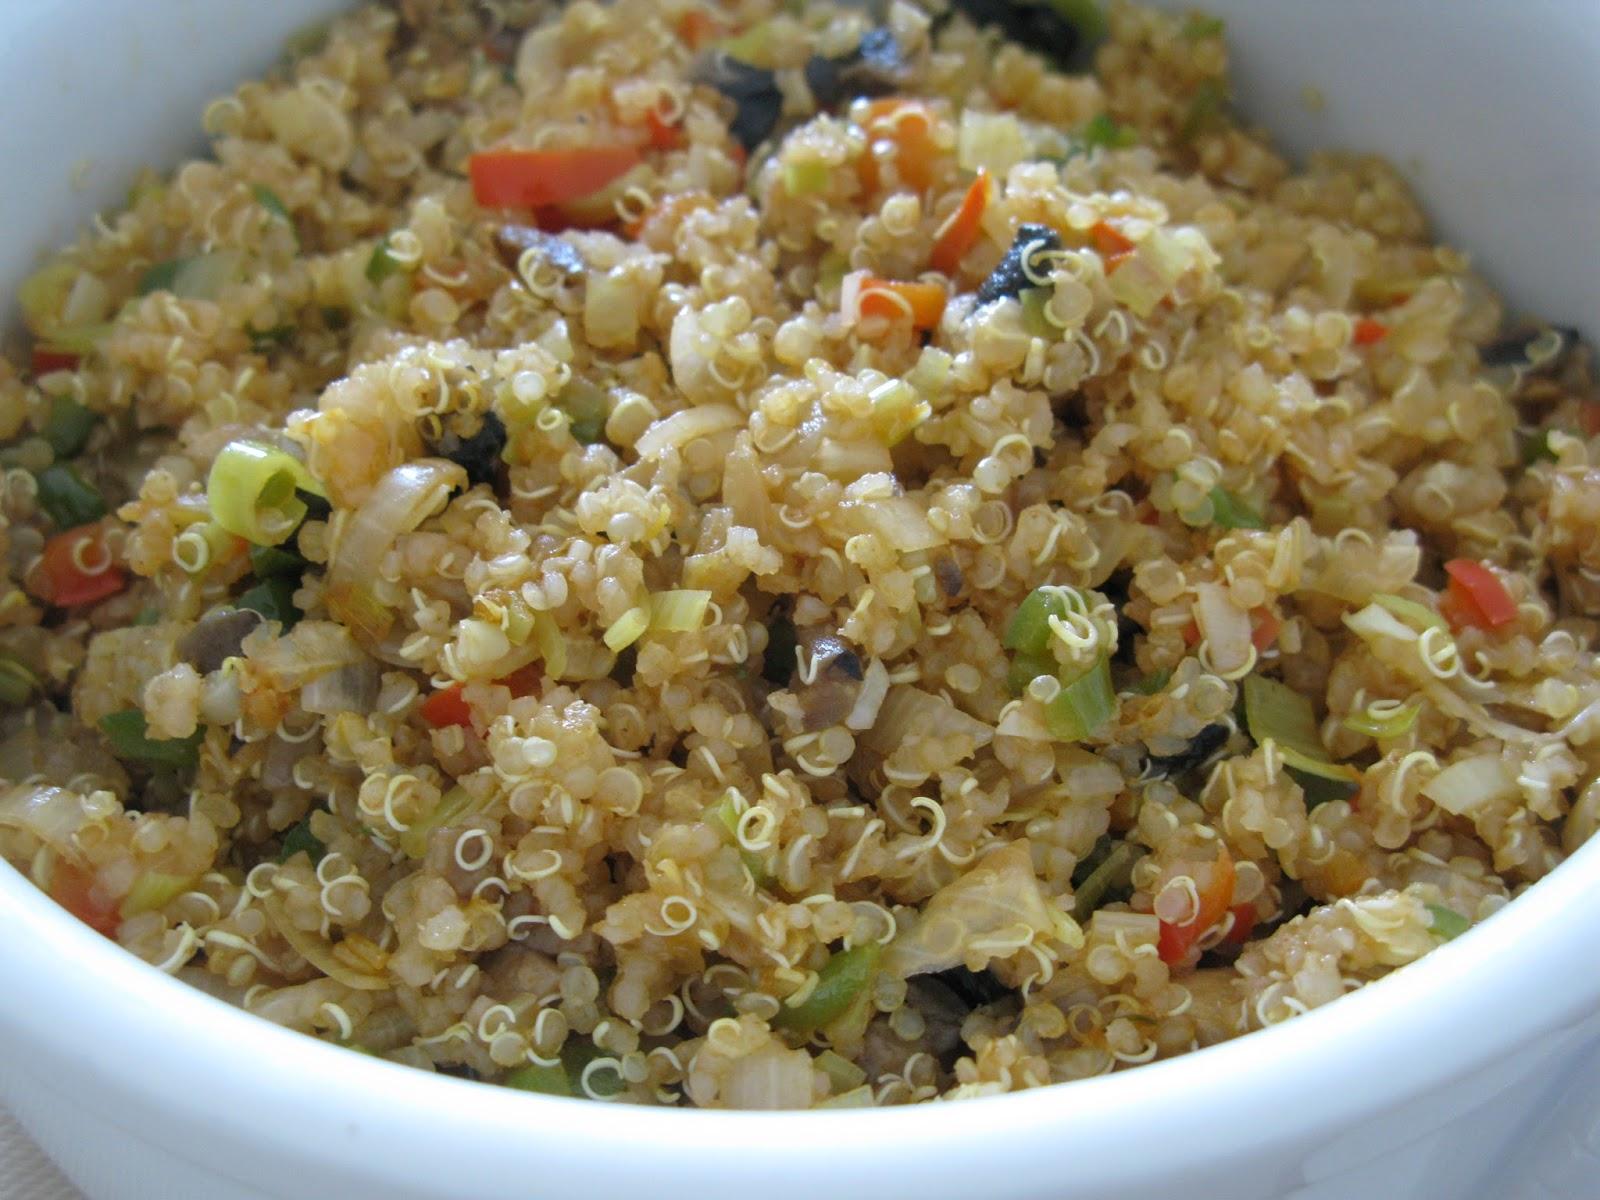 Deseos sin gluten quinoa con pollo y verduras sin gluten for Cocinar quinoa con pollo